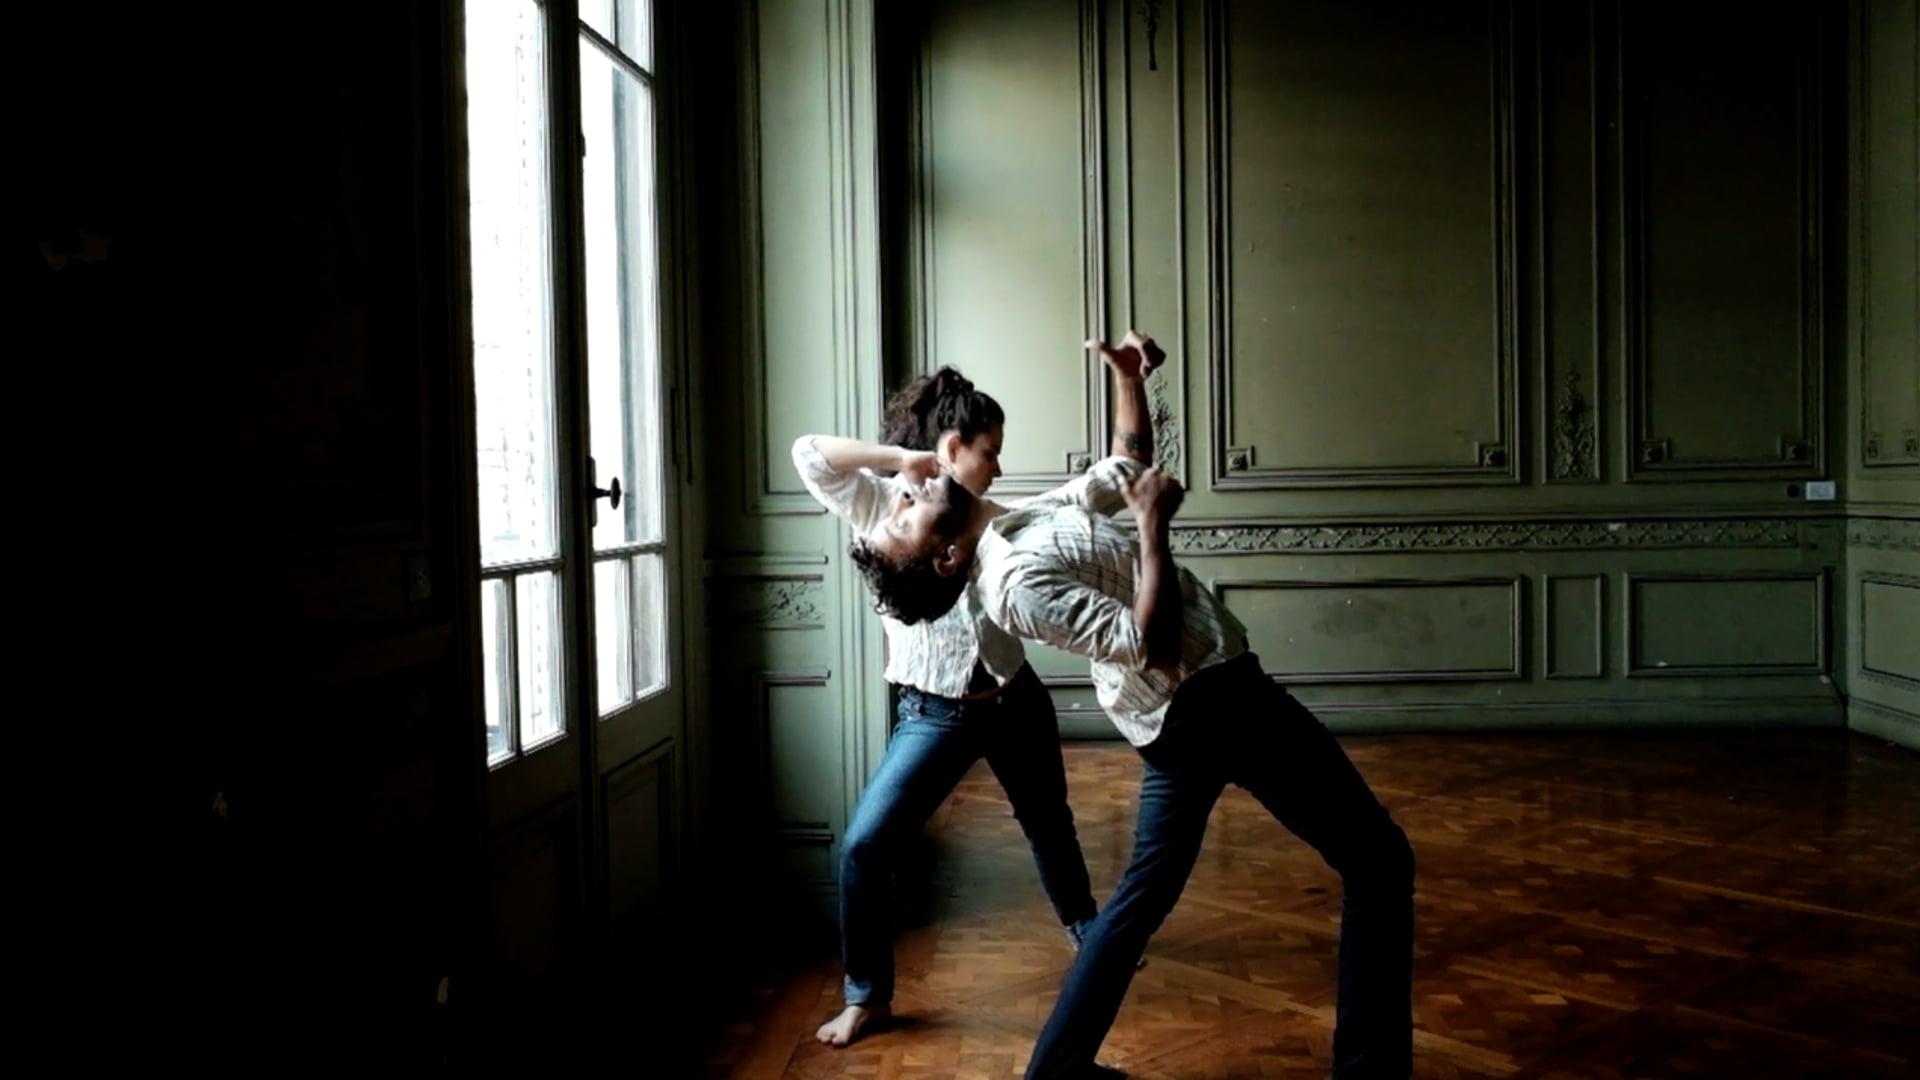 Boceto #1 Duo at Noisy Home